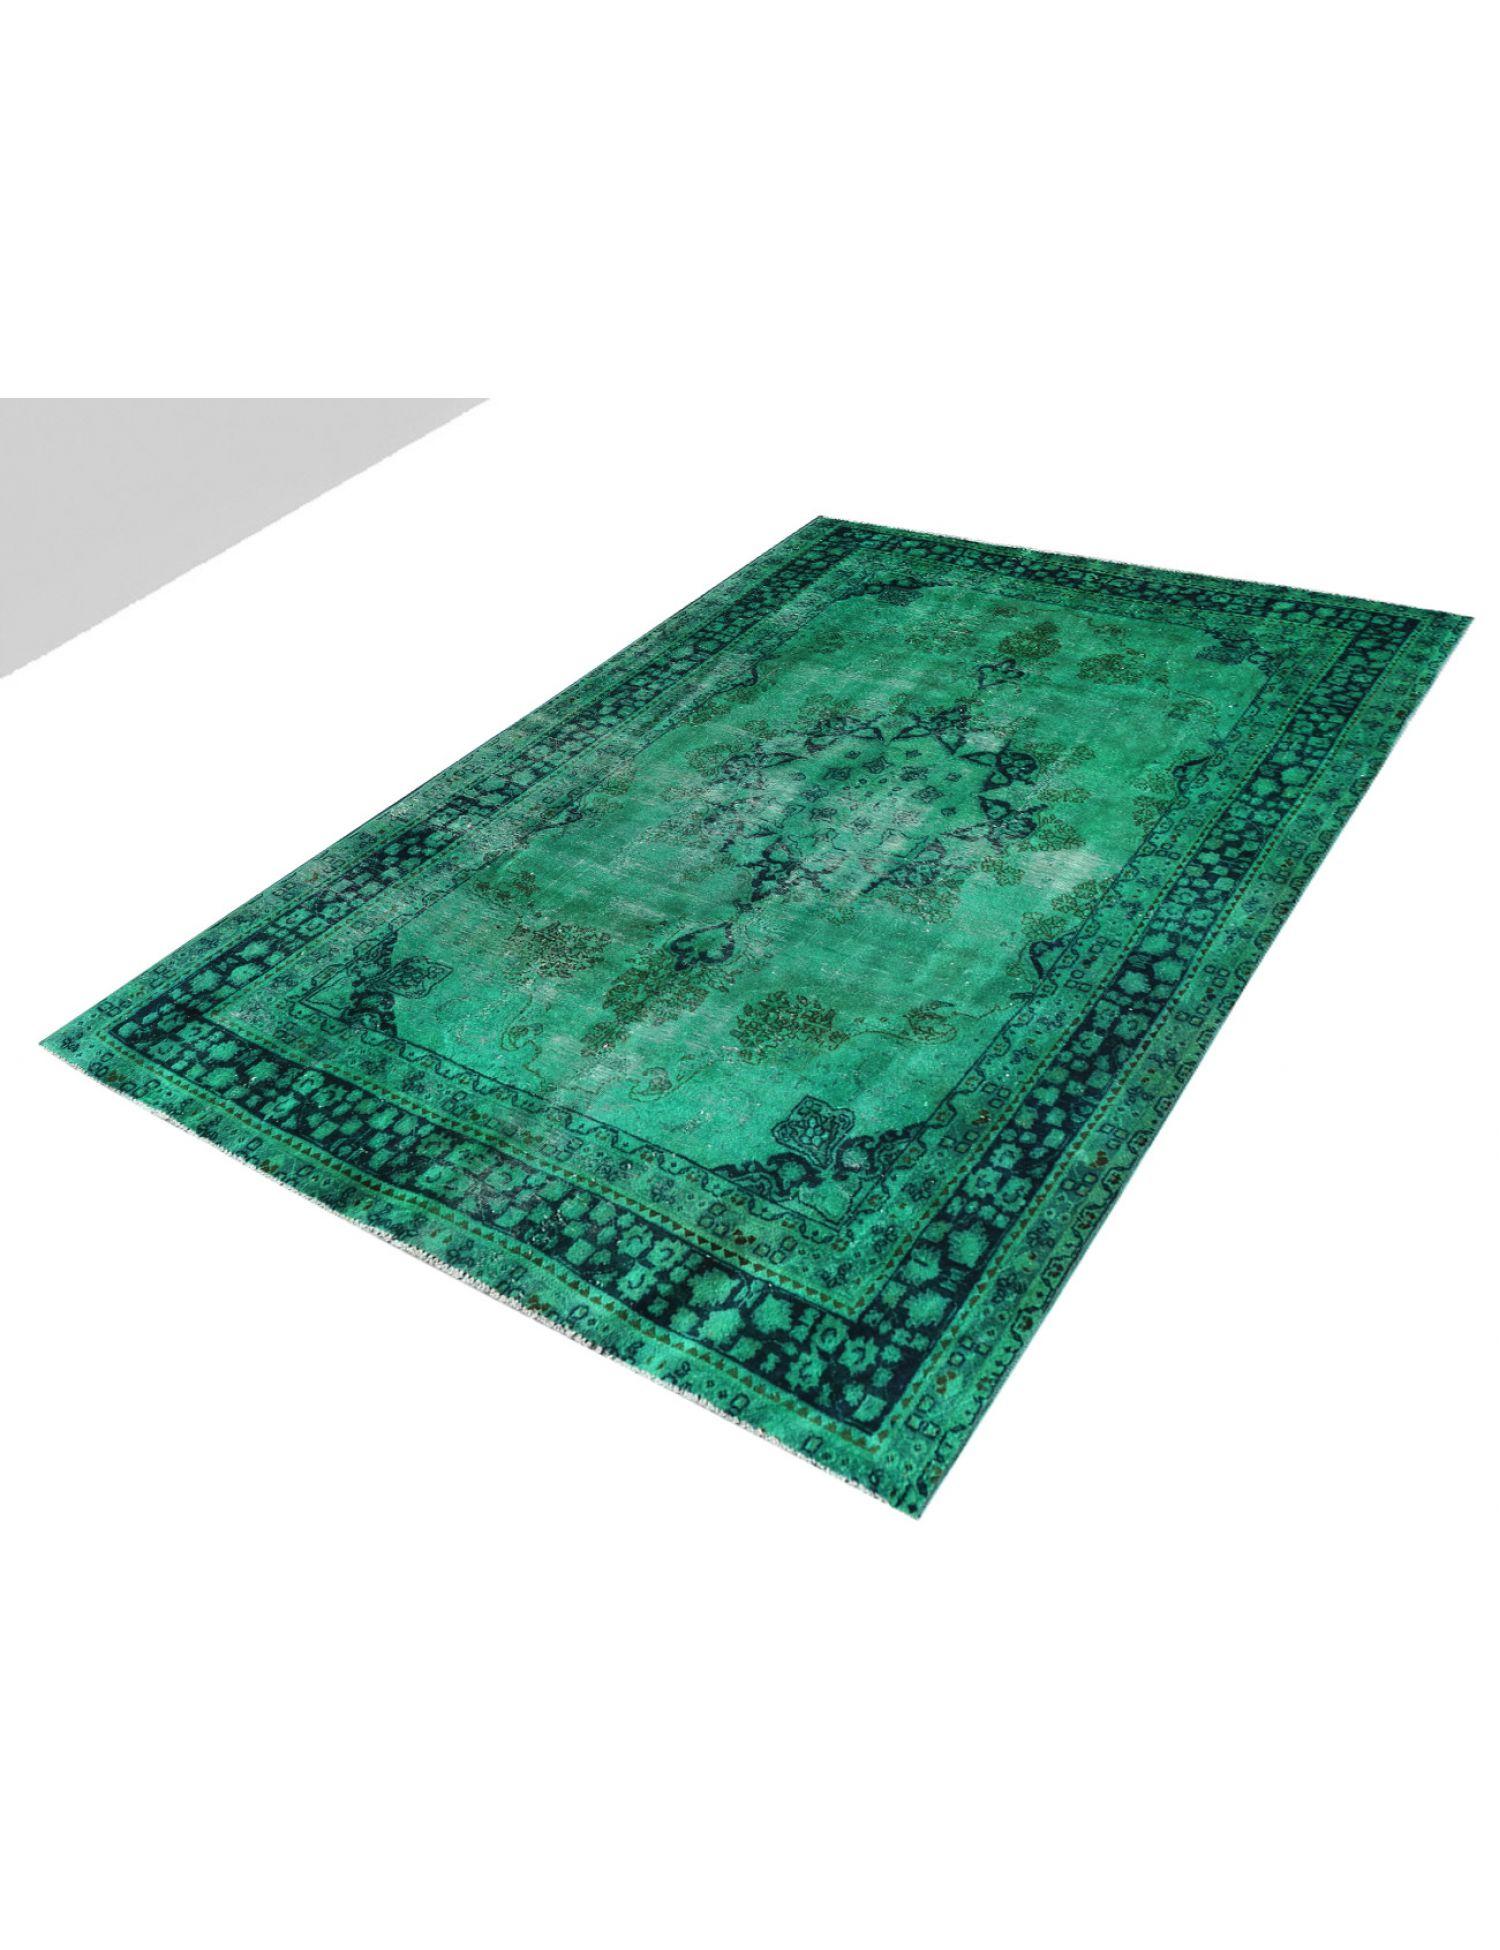 Vintage Teppich  grün <br/>278 x 192 cm